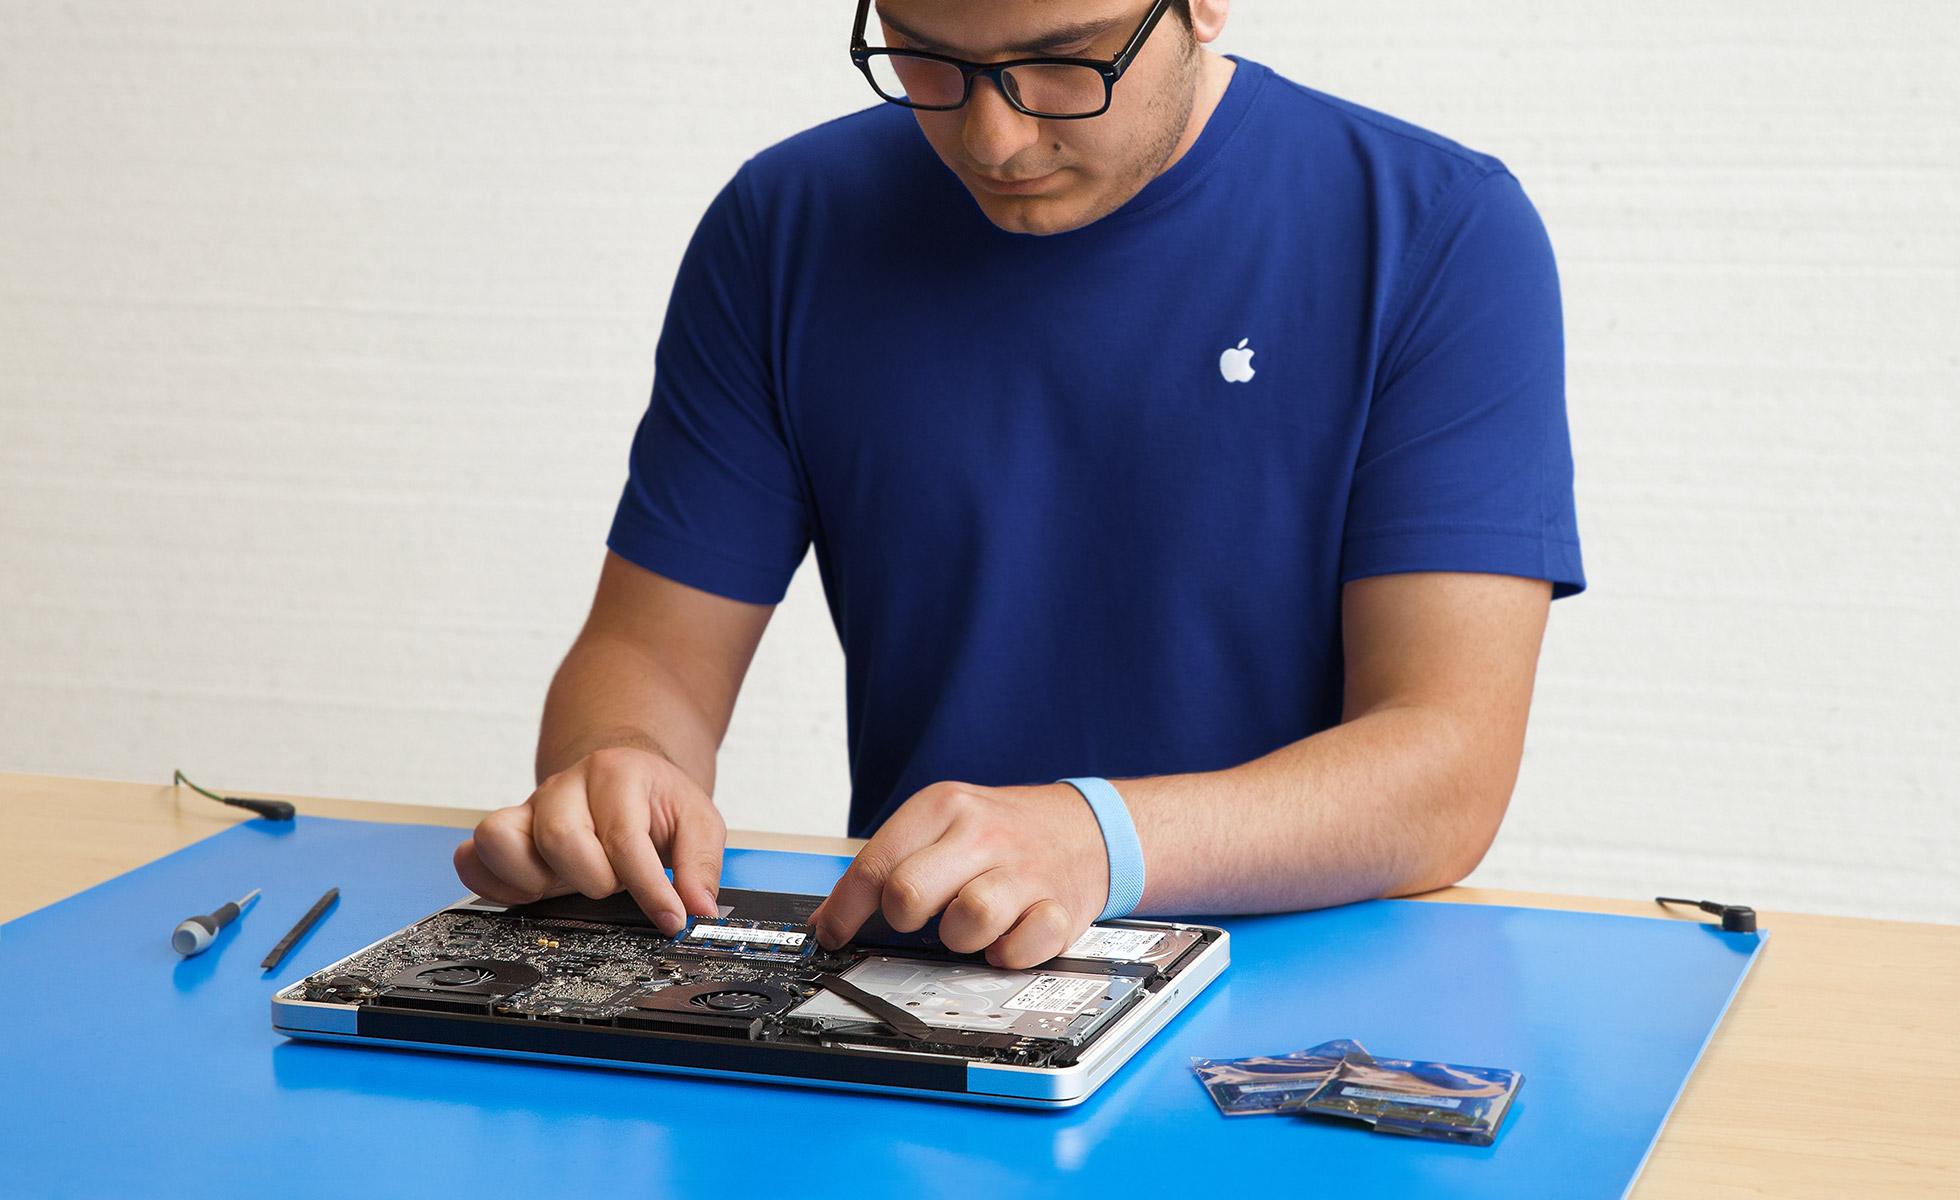 Apple riparazioni